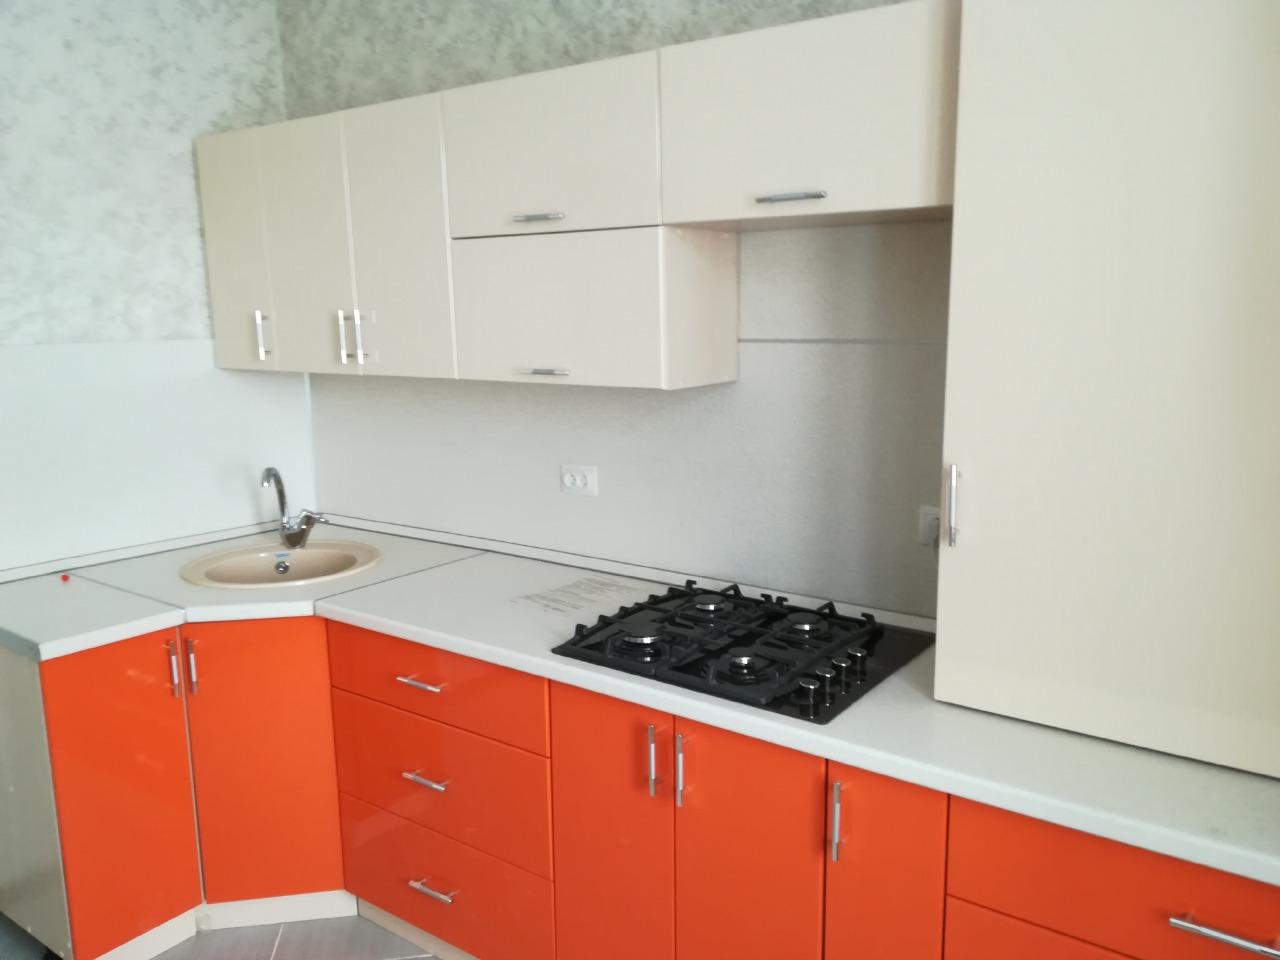 кухня бело-оранжевая на заказ